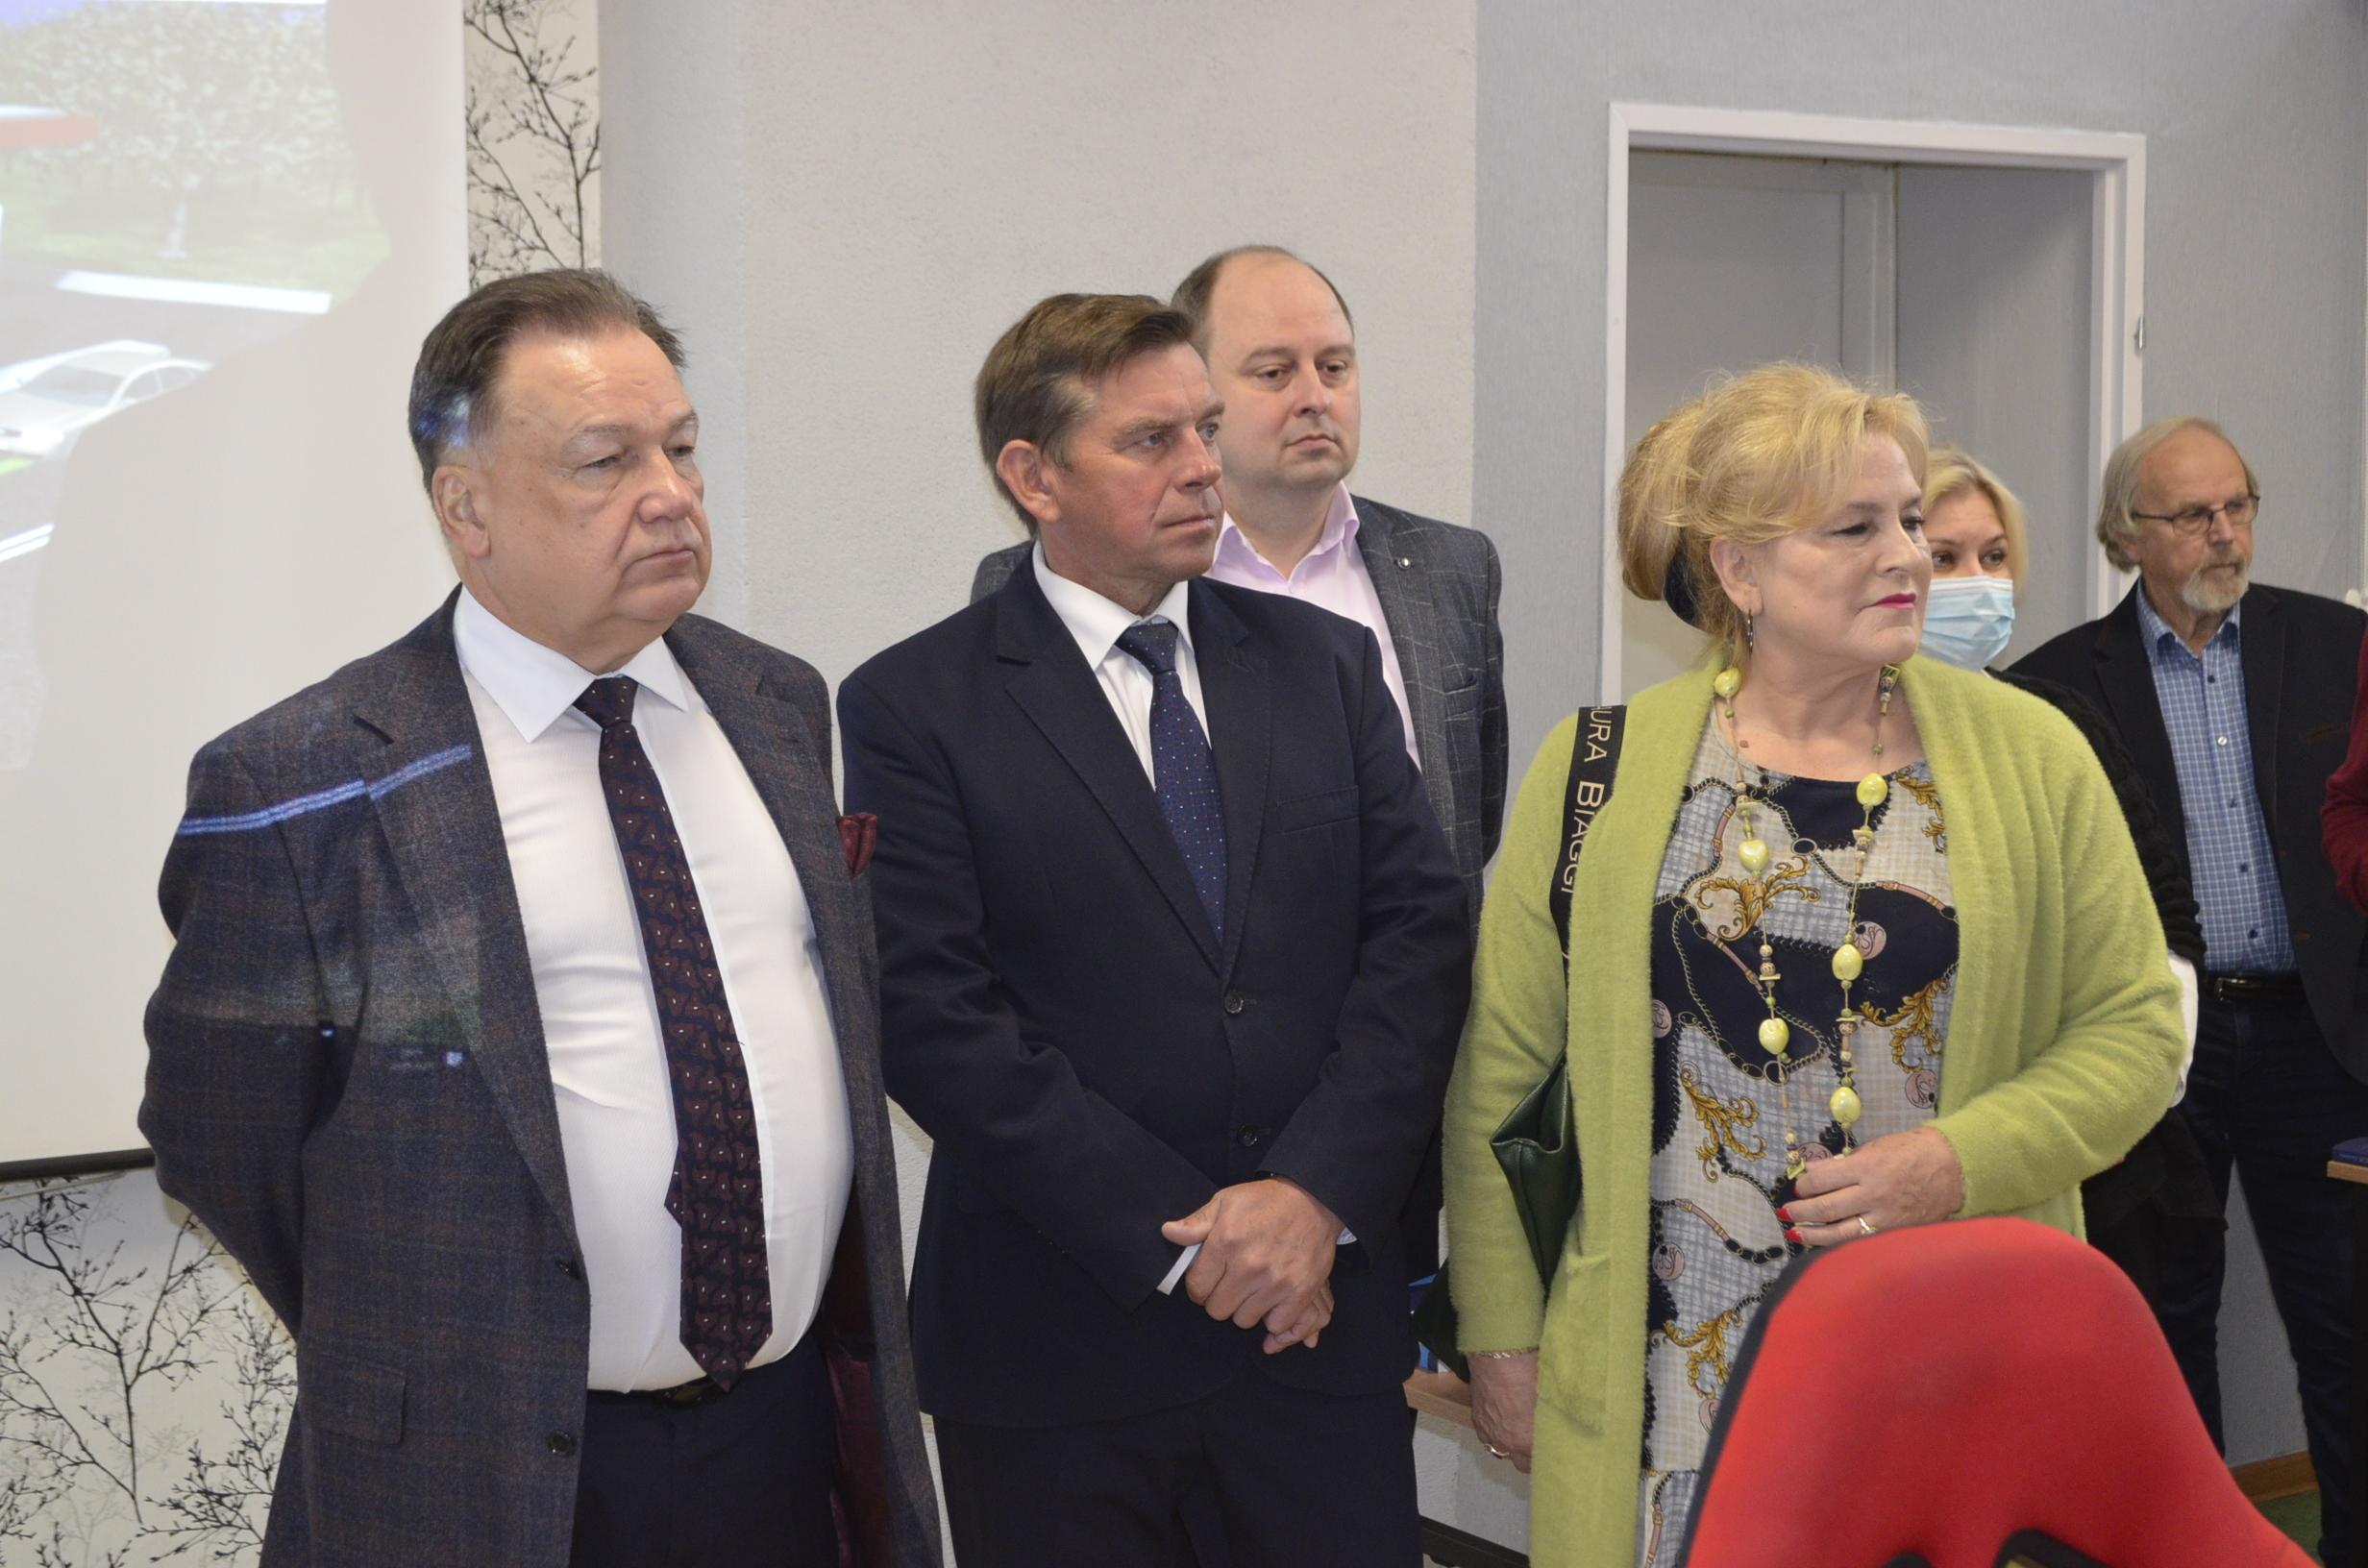 W drugim szeregu Przewodnicząca Rady Powiatu Gostynińskiego, Dyrektor Szkoły oraz Kierownik jednego z OSK funkcjonujących na terenie Powiatu uczestniczą w prezentacji nowoczesnych środków dydaktycznych.